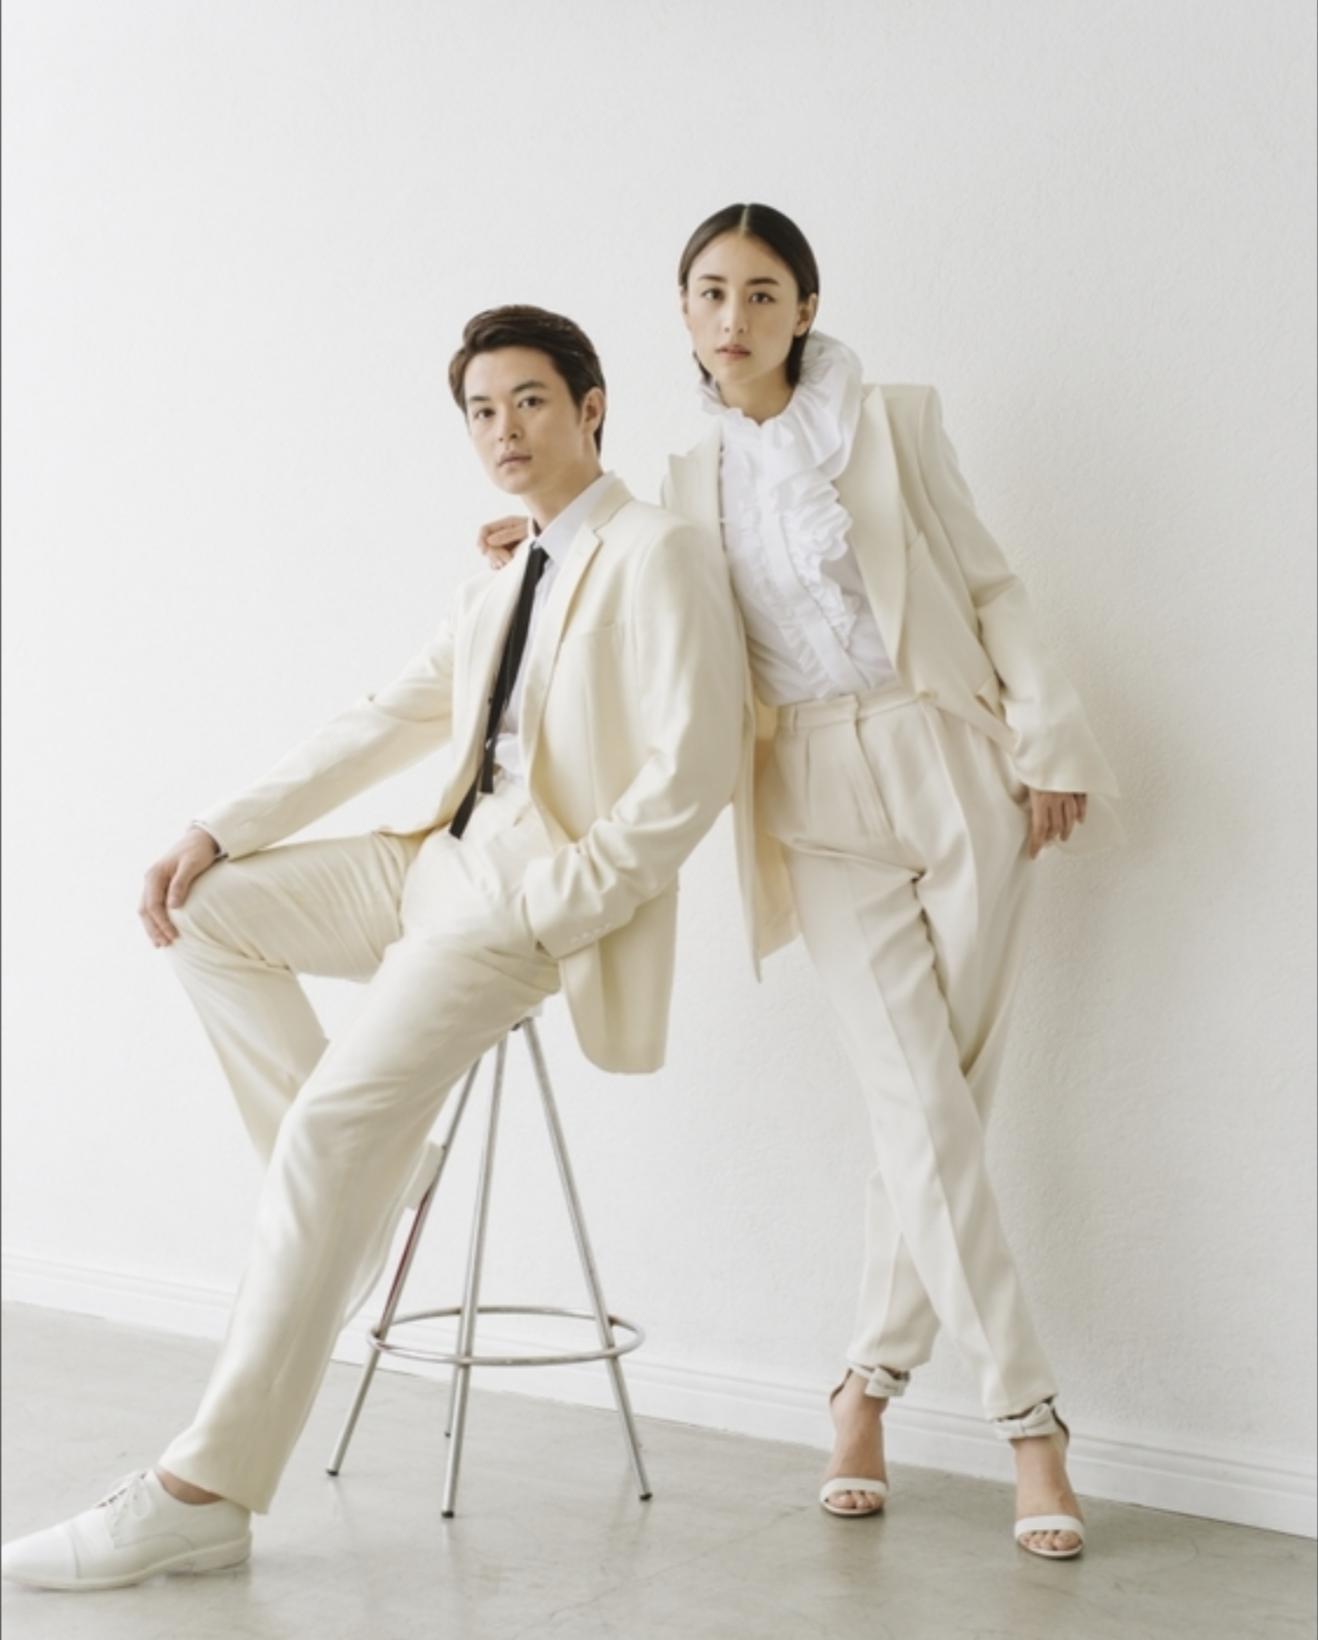 濑户康史与山本美月结婚 两人因《完美世界》结缘